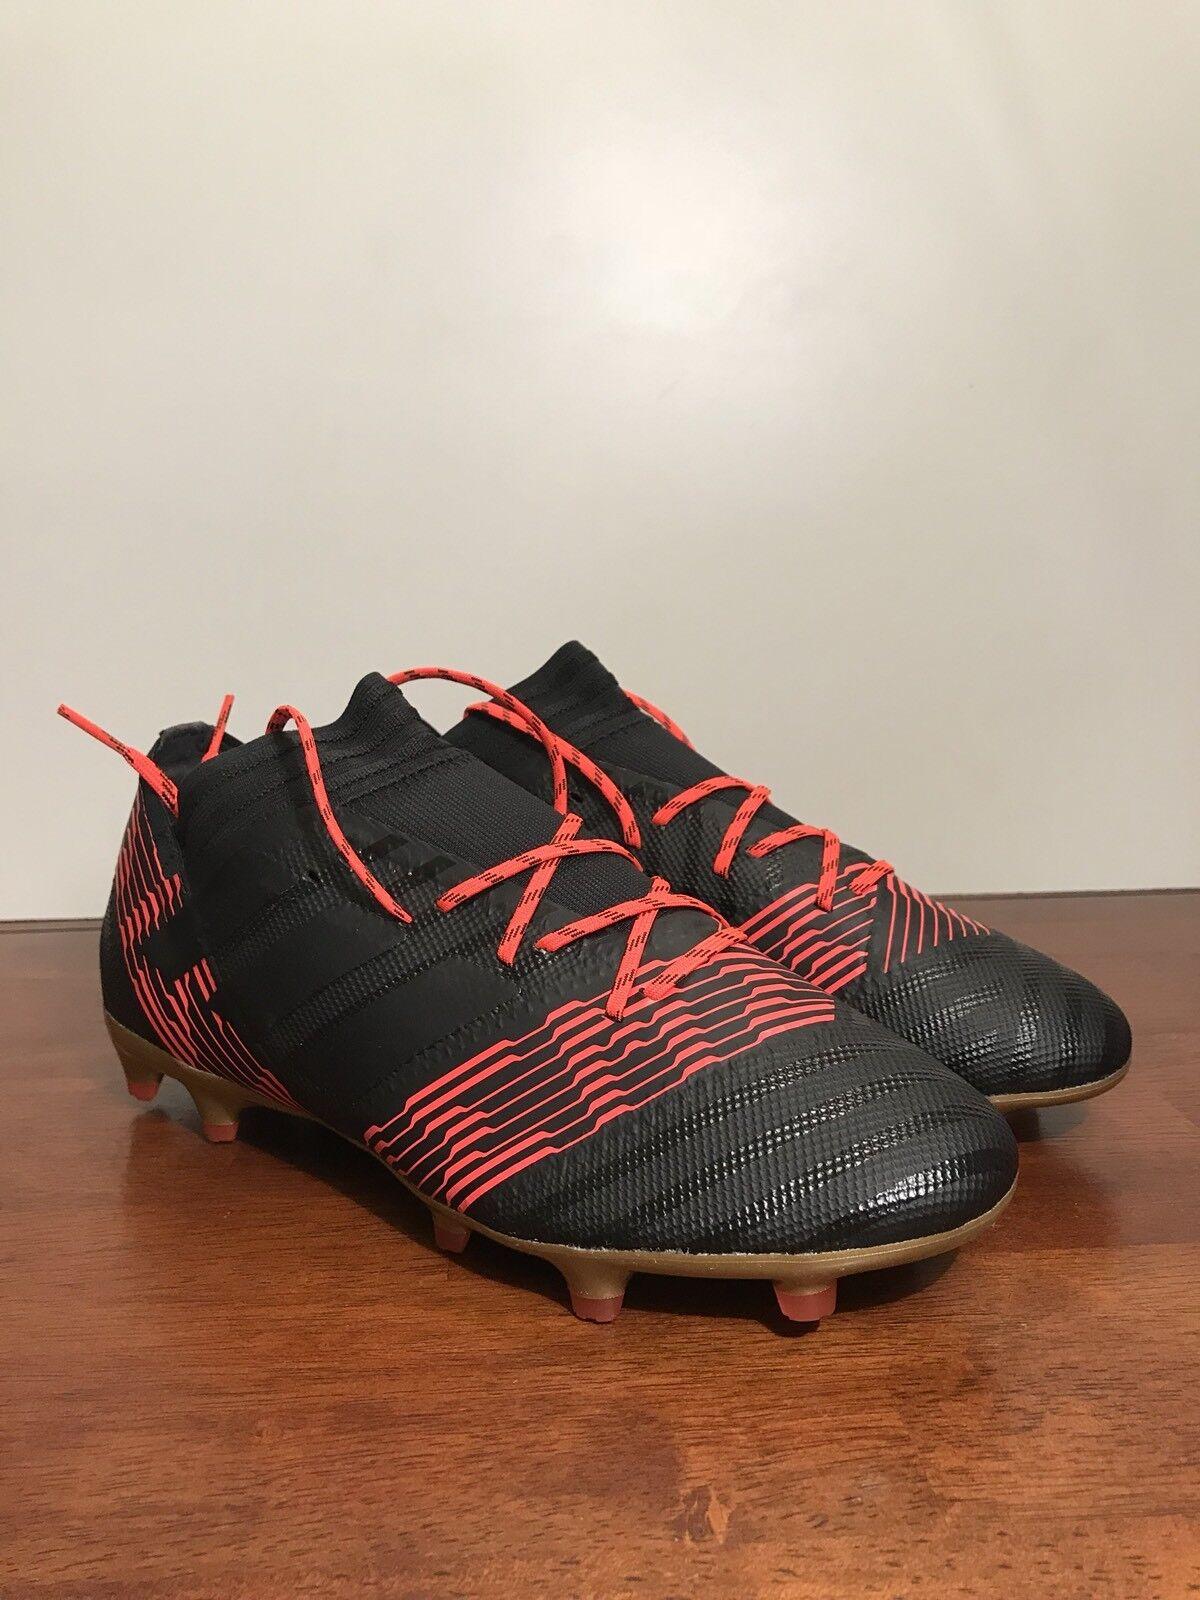 Adidas - cp8970 - - nemeziz 17,2 fg - cp8970 uomini scarpe - rosso - 8 6e837e